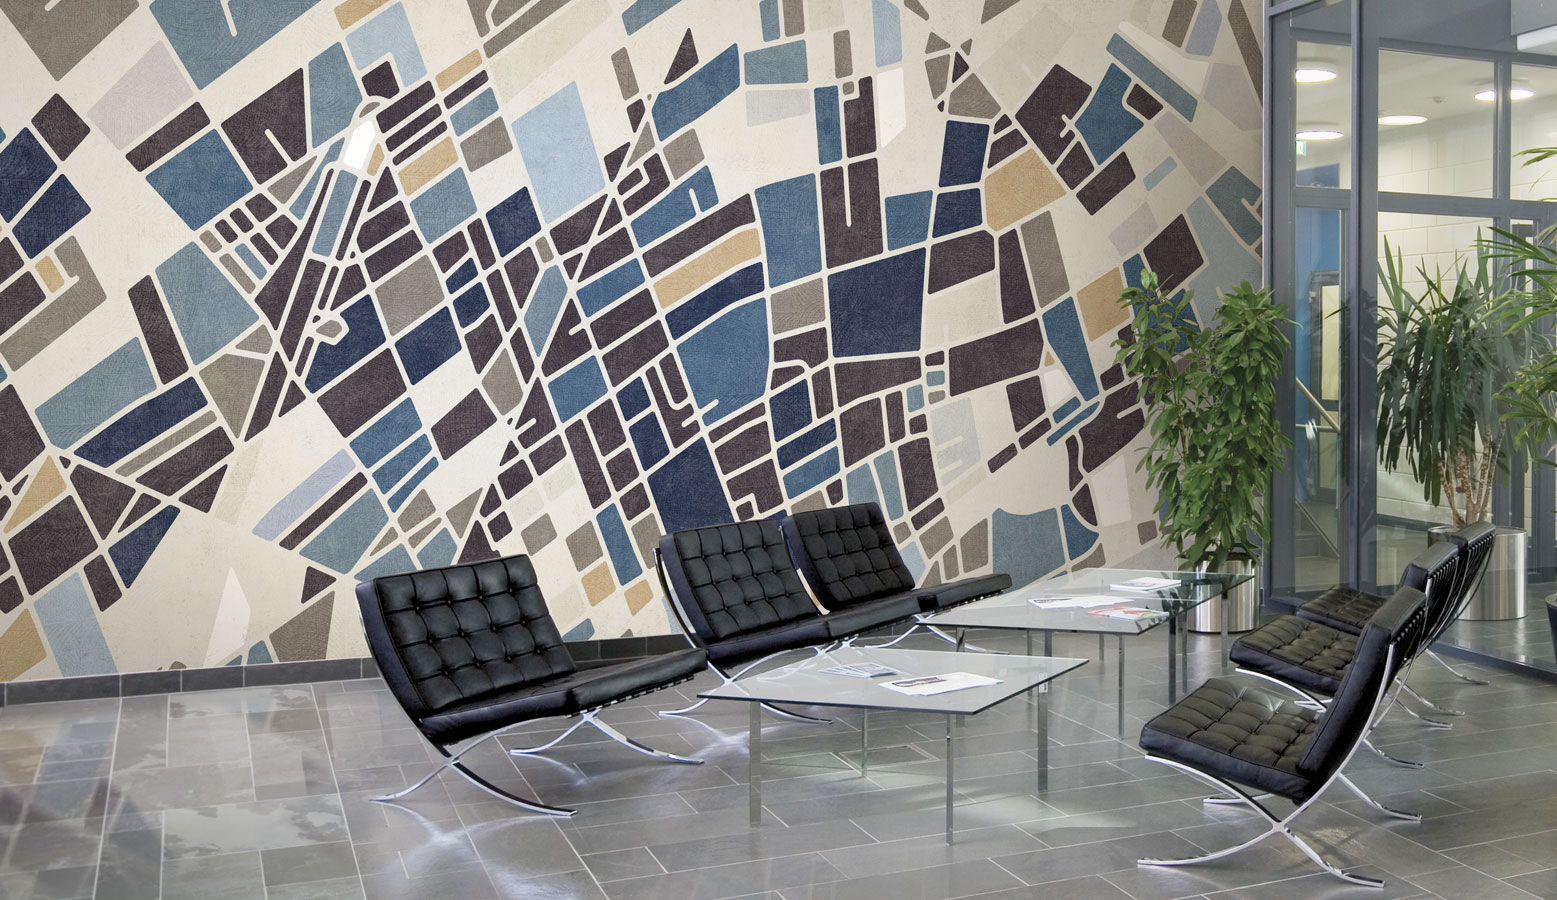 Black And White Wallpaper Decor 4walls